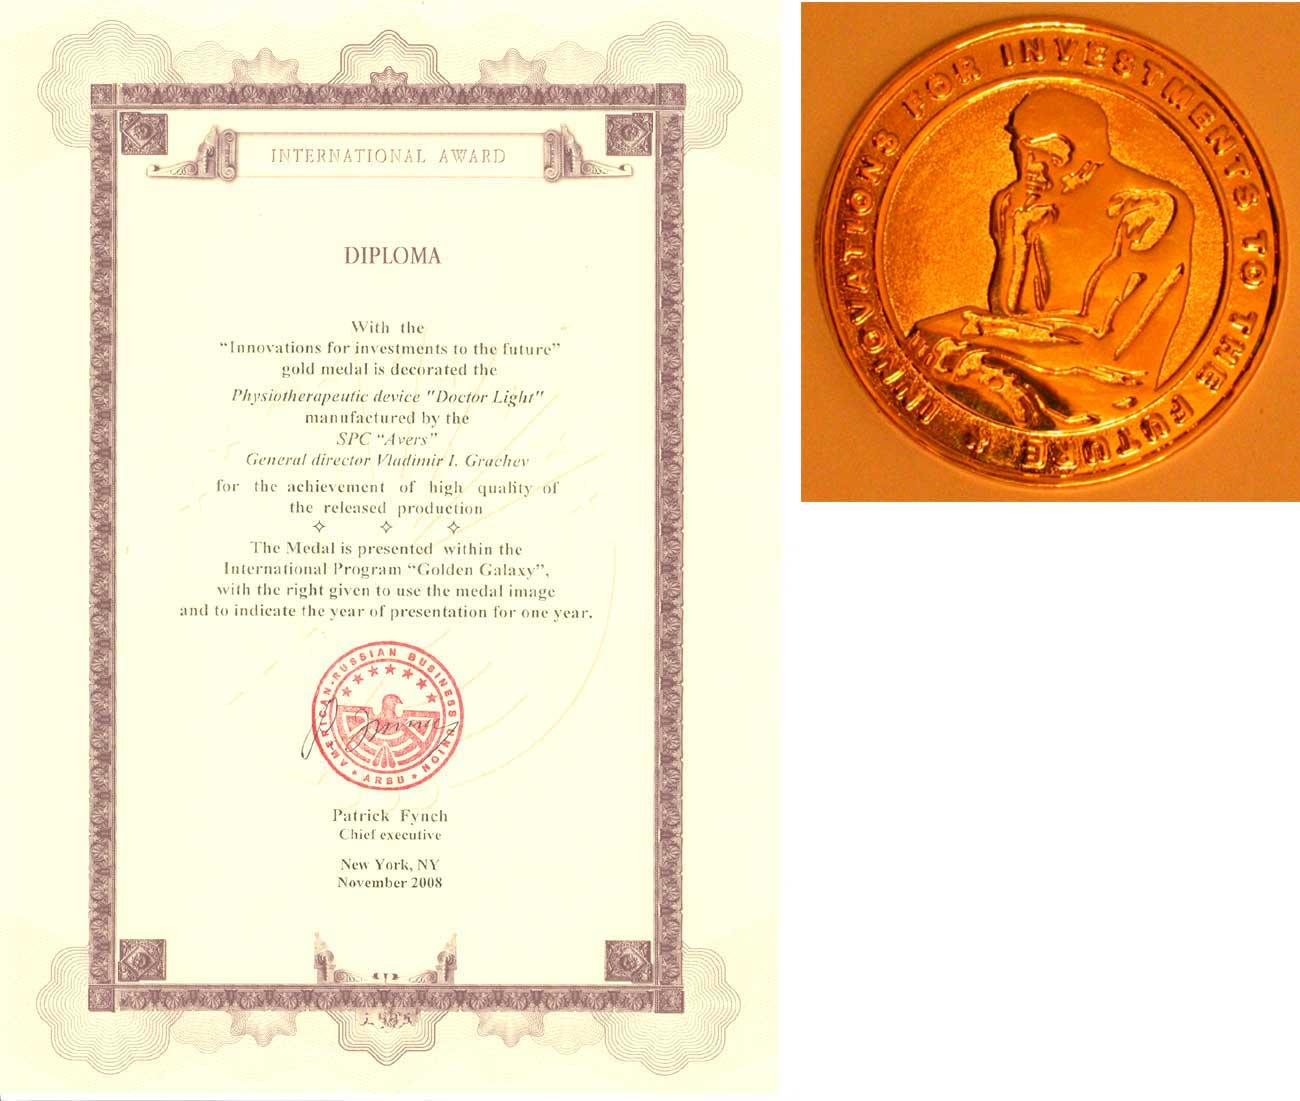 """Золотая медаль и международный диплом устройства """"Доктор Свет"""" в рамках международной программы """"GOLDEN GALAXY"""" за разработки в области инновационной медицинской техники будущего"""